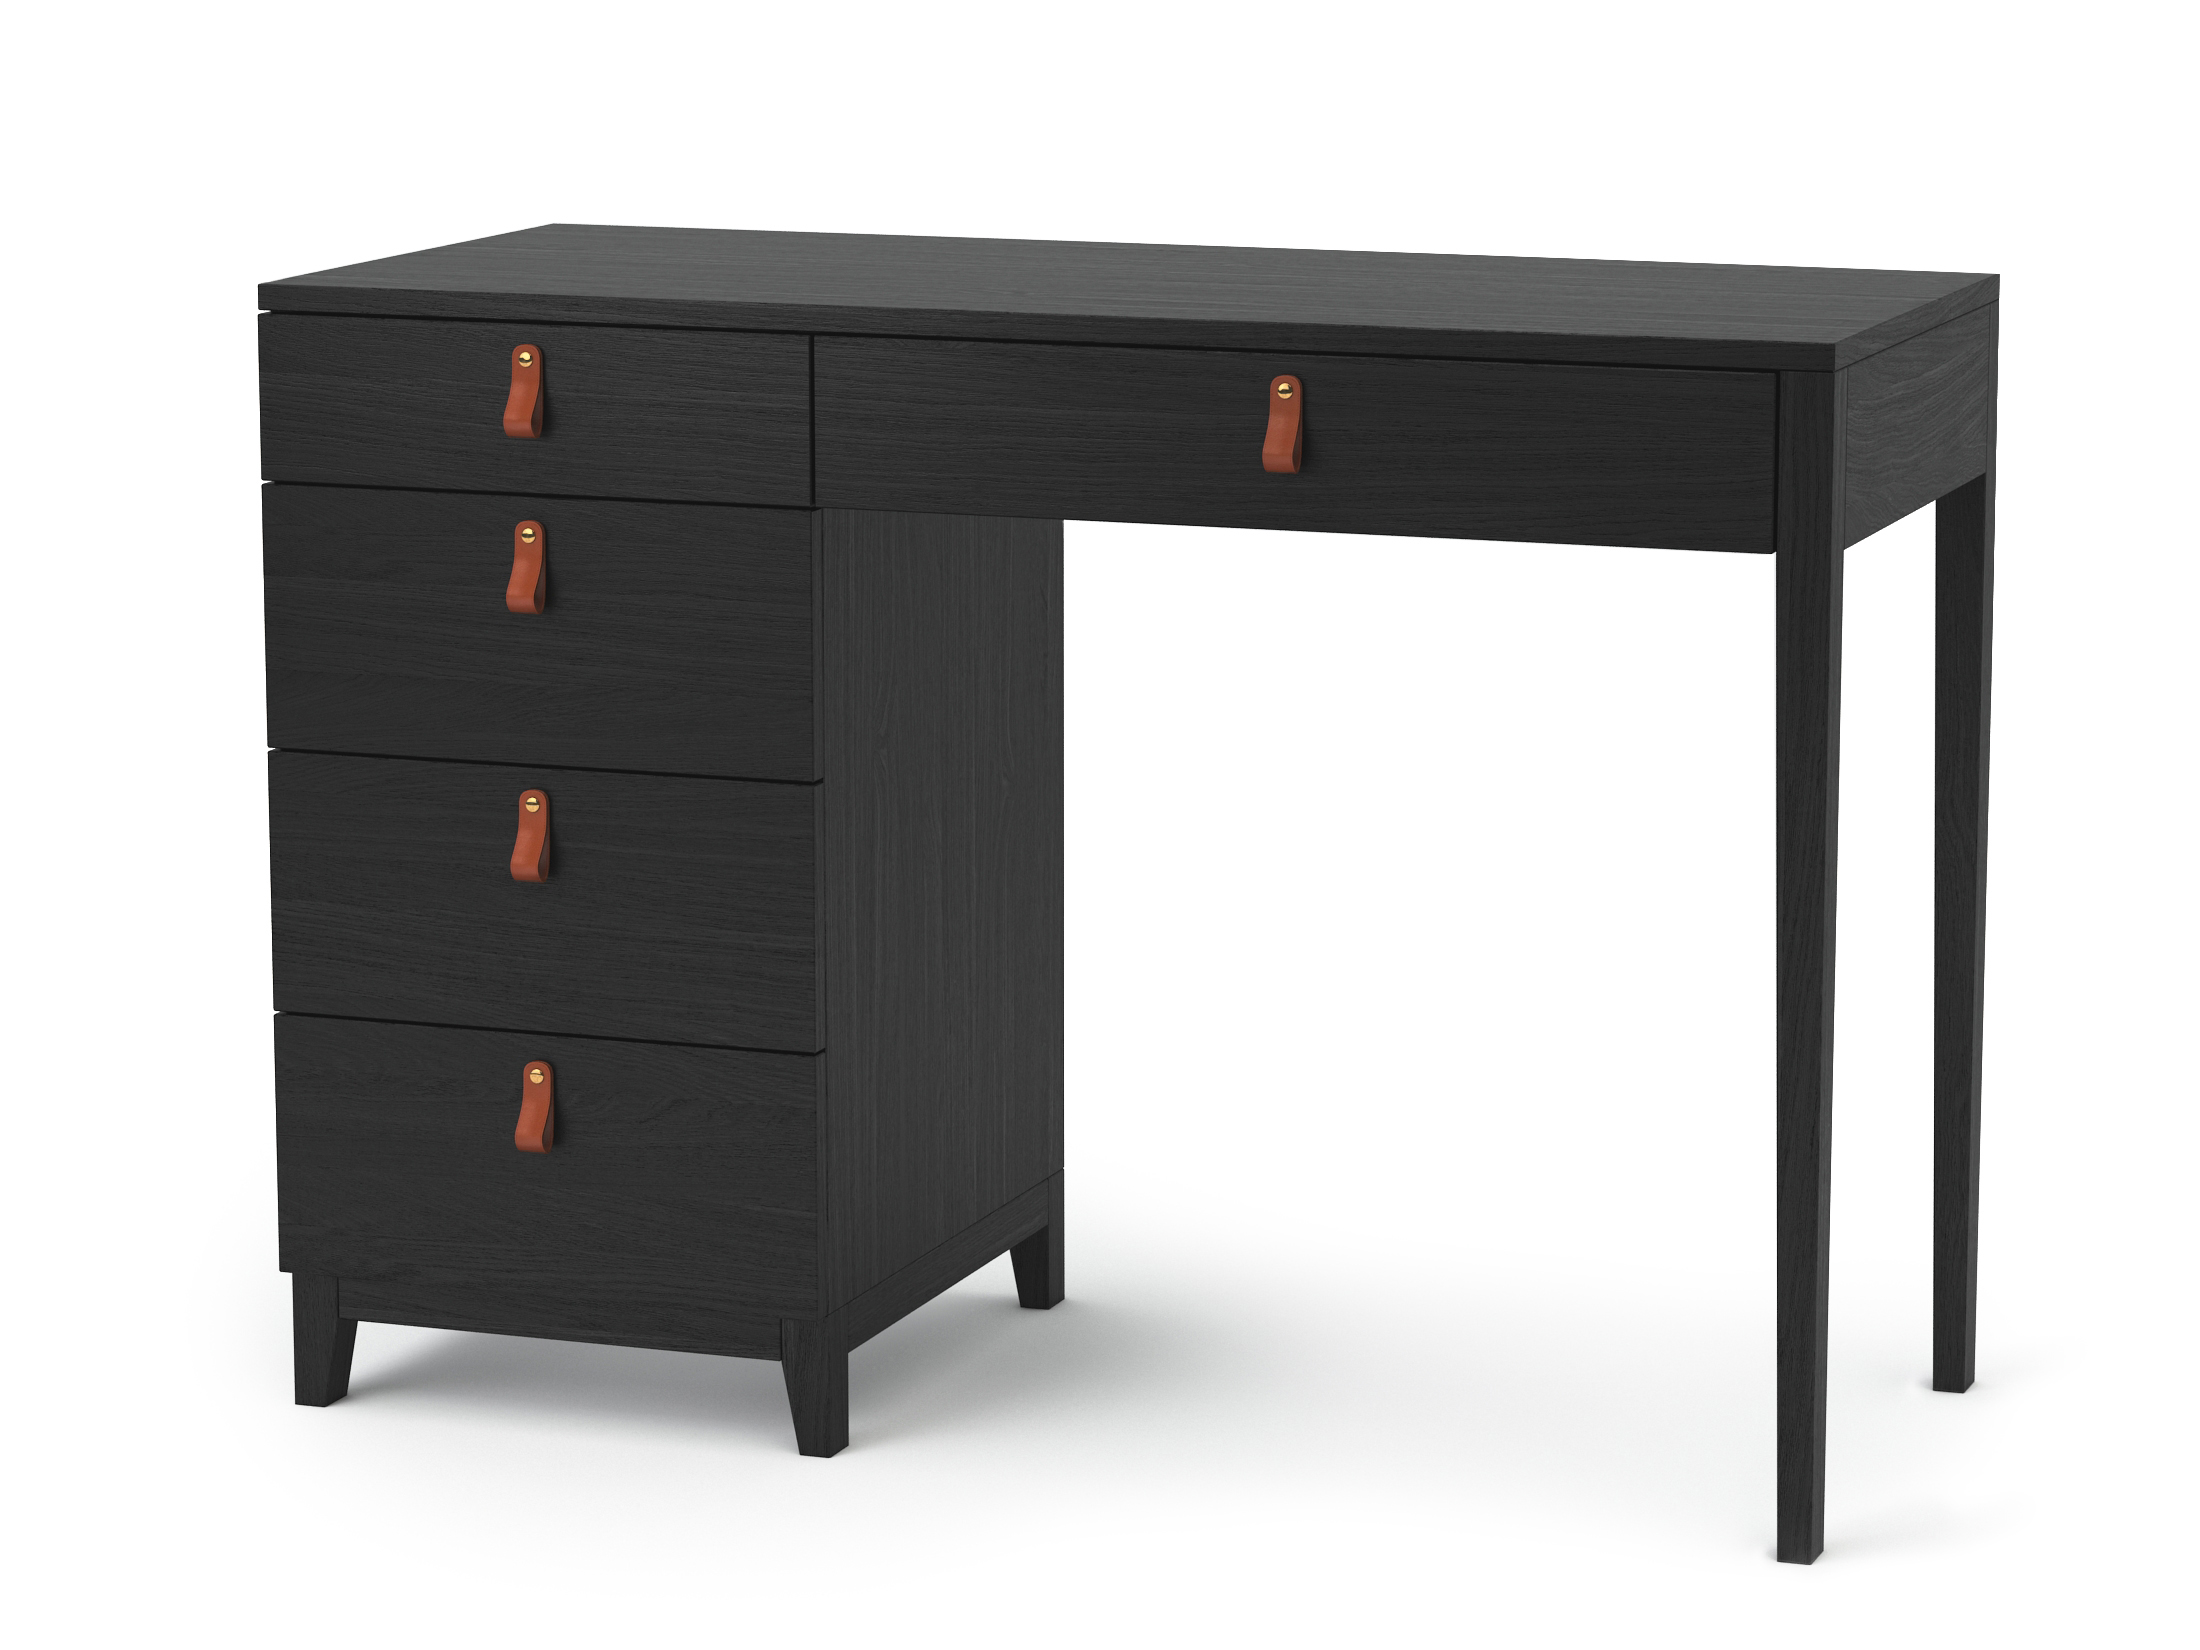 Консольный столJaggerПисьменные столы<br>Консольный стол JAGGER  обладает лаконичным дизайном с изысканными, кожаными ручками и универсальными характеристиками, благодаря своим размерам и функциональным ящикам. JAGGER органично будет смотреться, как в маленьких и узких местах, так и в больших пространствах. В небольших помещениях, может использоваться в качестве письменного стола.<br><br>Material: МДФ<br>Ширина см: 100<br>Высота см: 75<br>Глубина см: 50